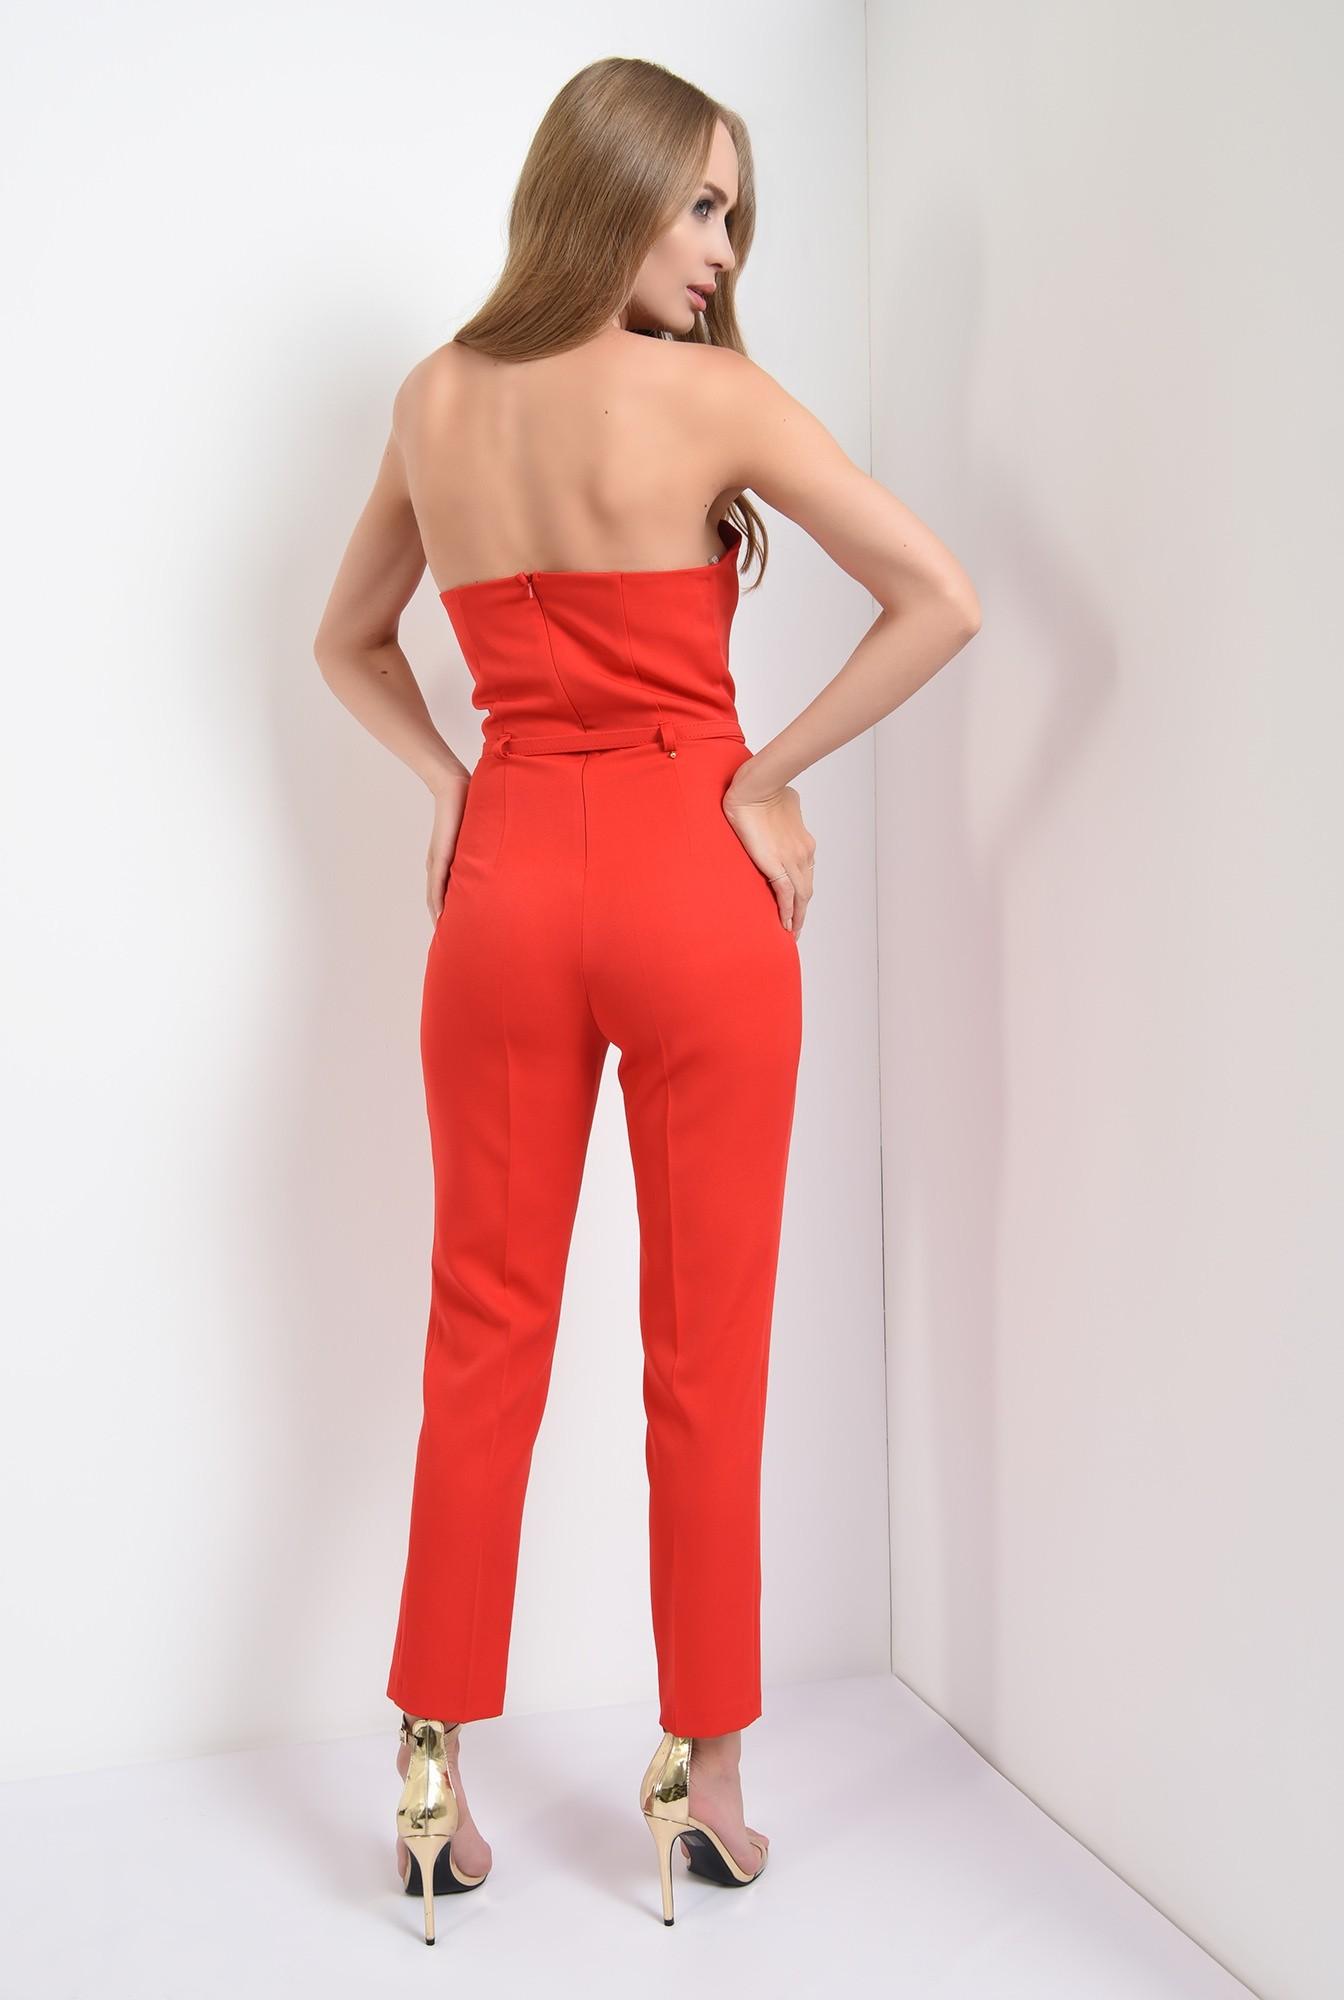 1 -  salopeta lunga, eleganta, rosie, cu corset, curea